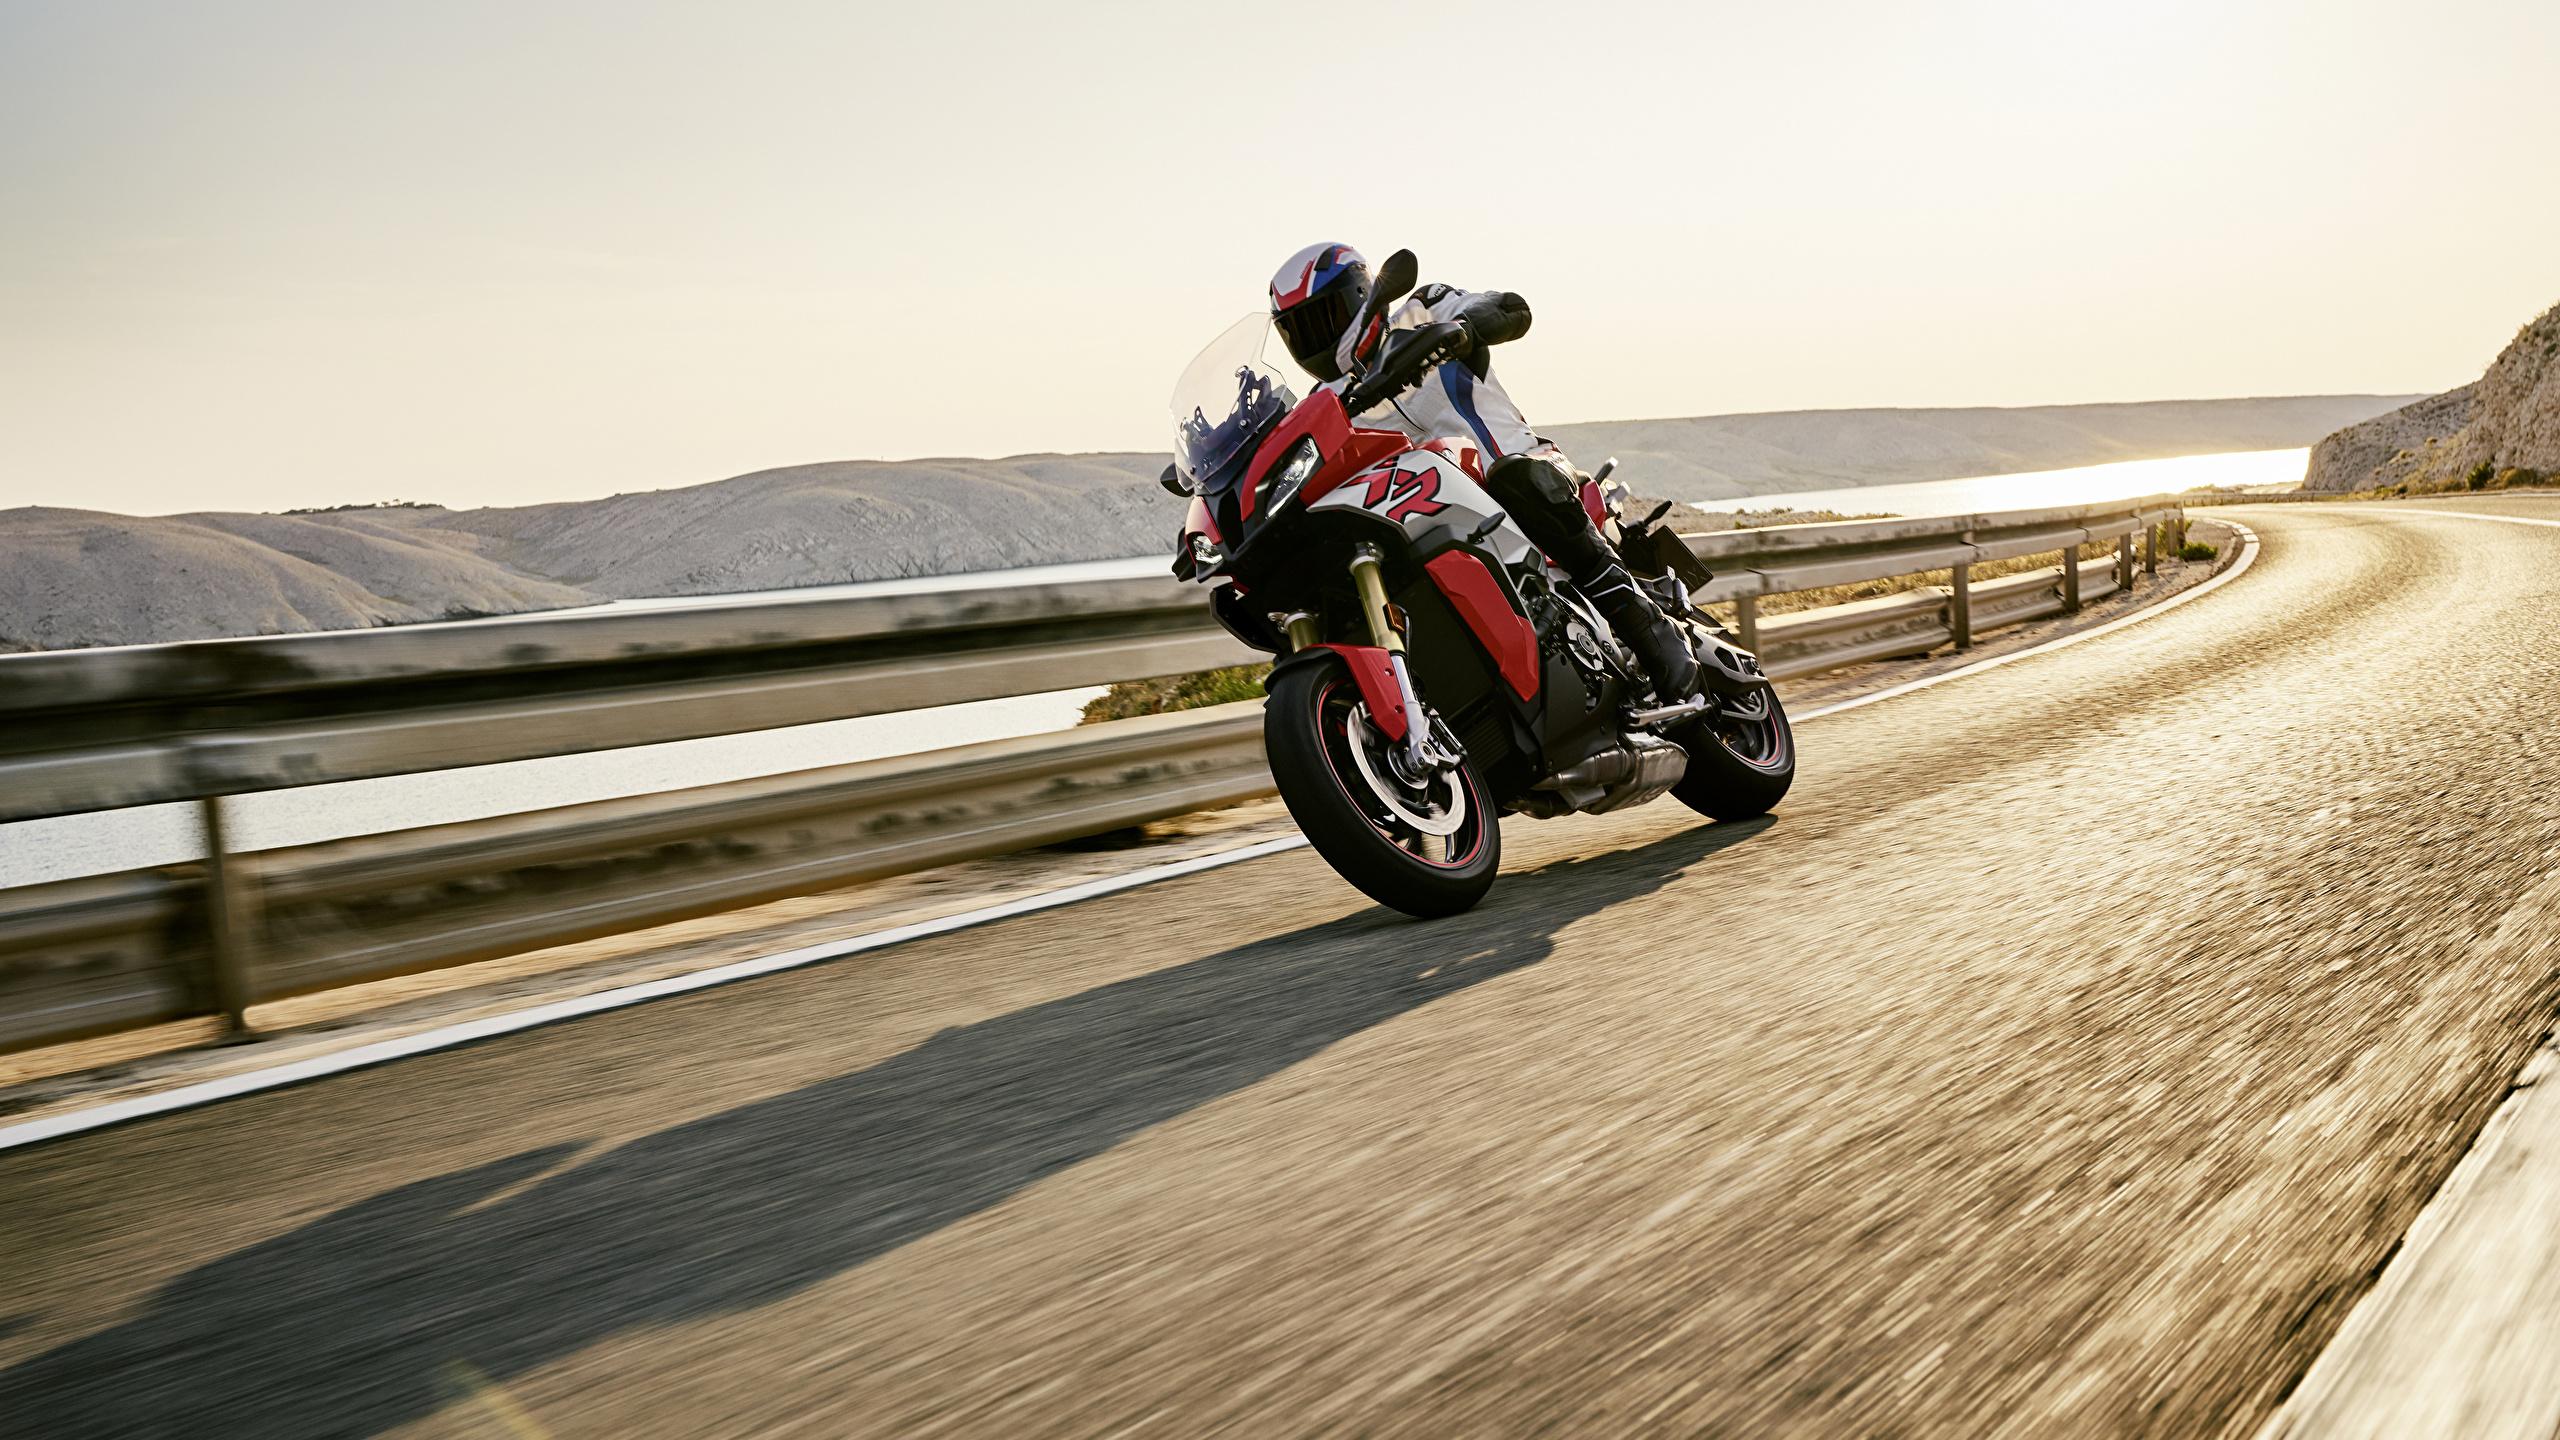 Картинка БМВ 2020 S 1000 XR Мотоциклы едущий Мотоциклист 2560x1440 BMW - Мотоциклы мотоцикл едет едущая Движение скорость